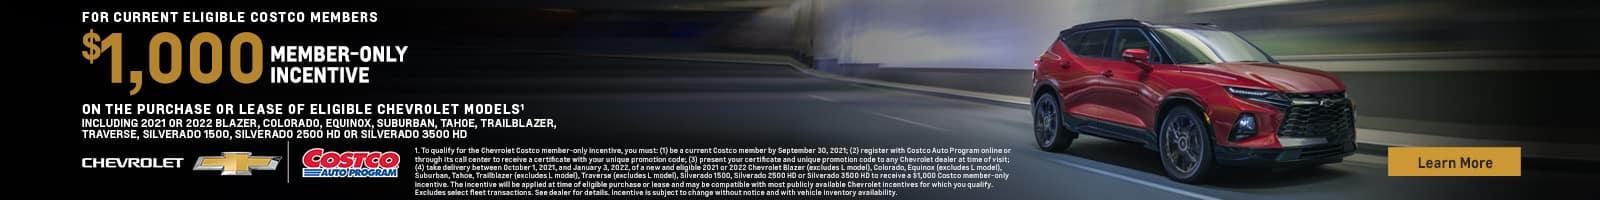 32_Q4 COSTCO_BLAZER_1600x200_BANNER